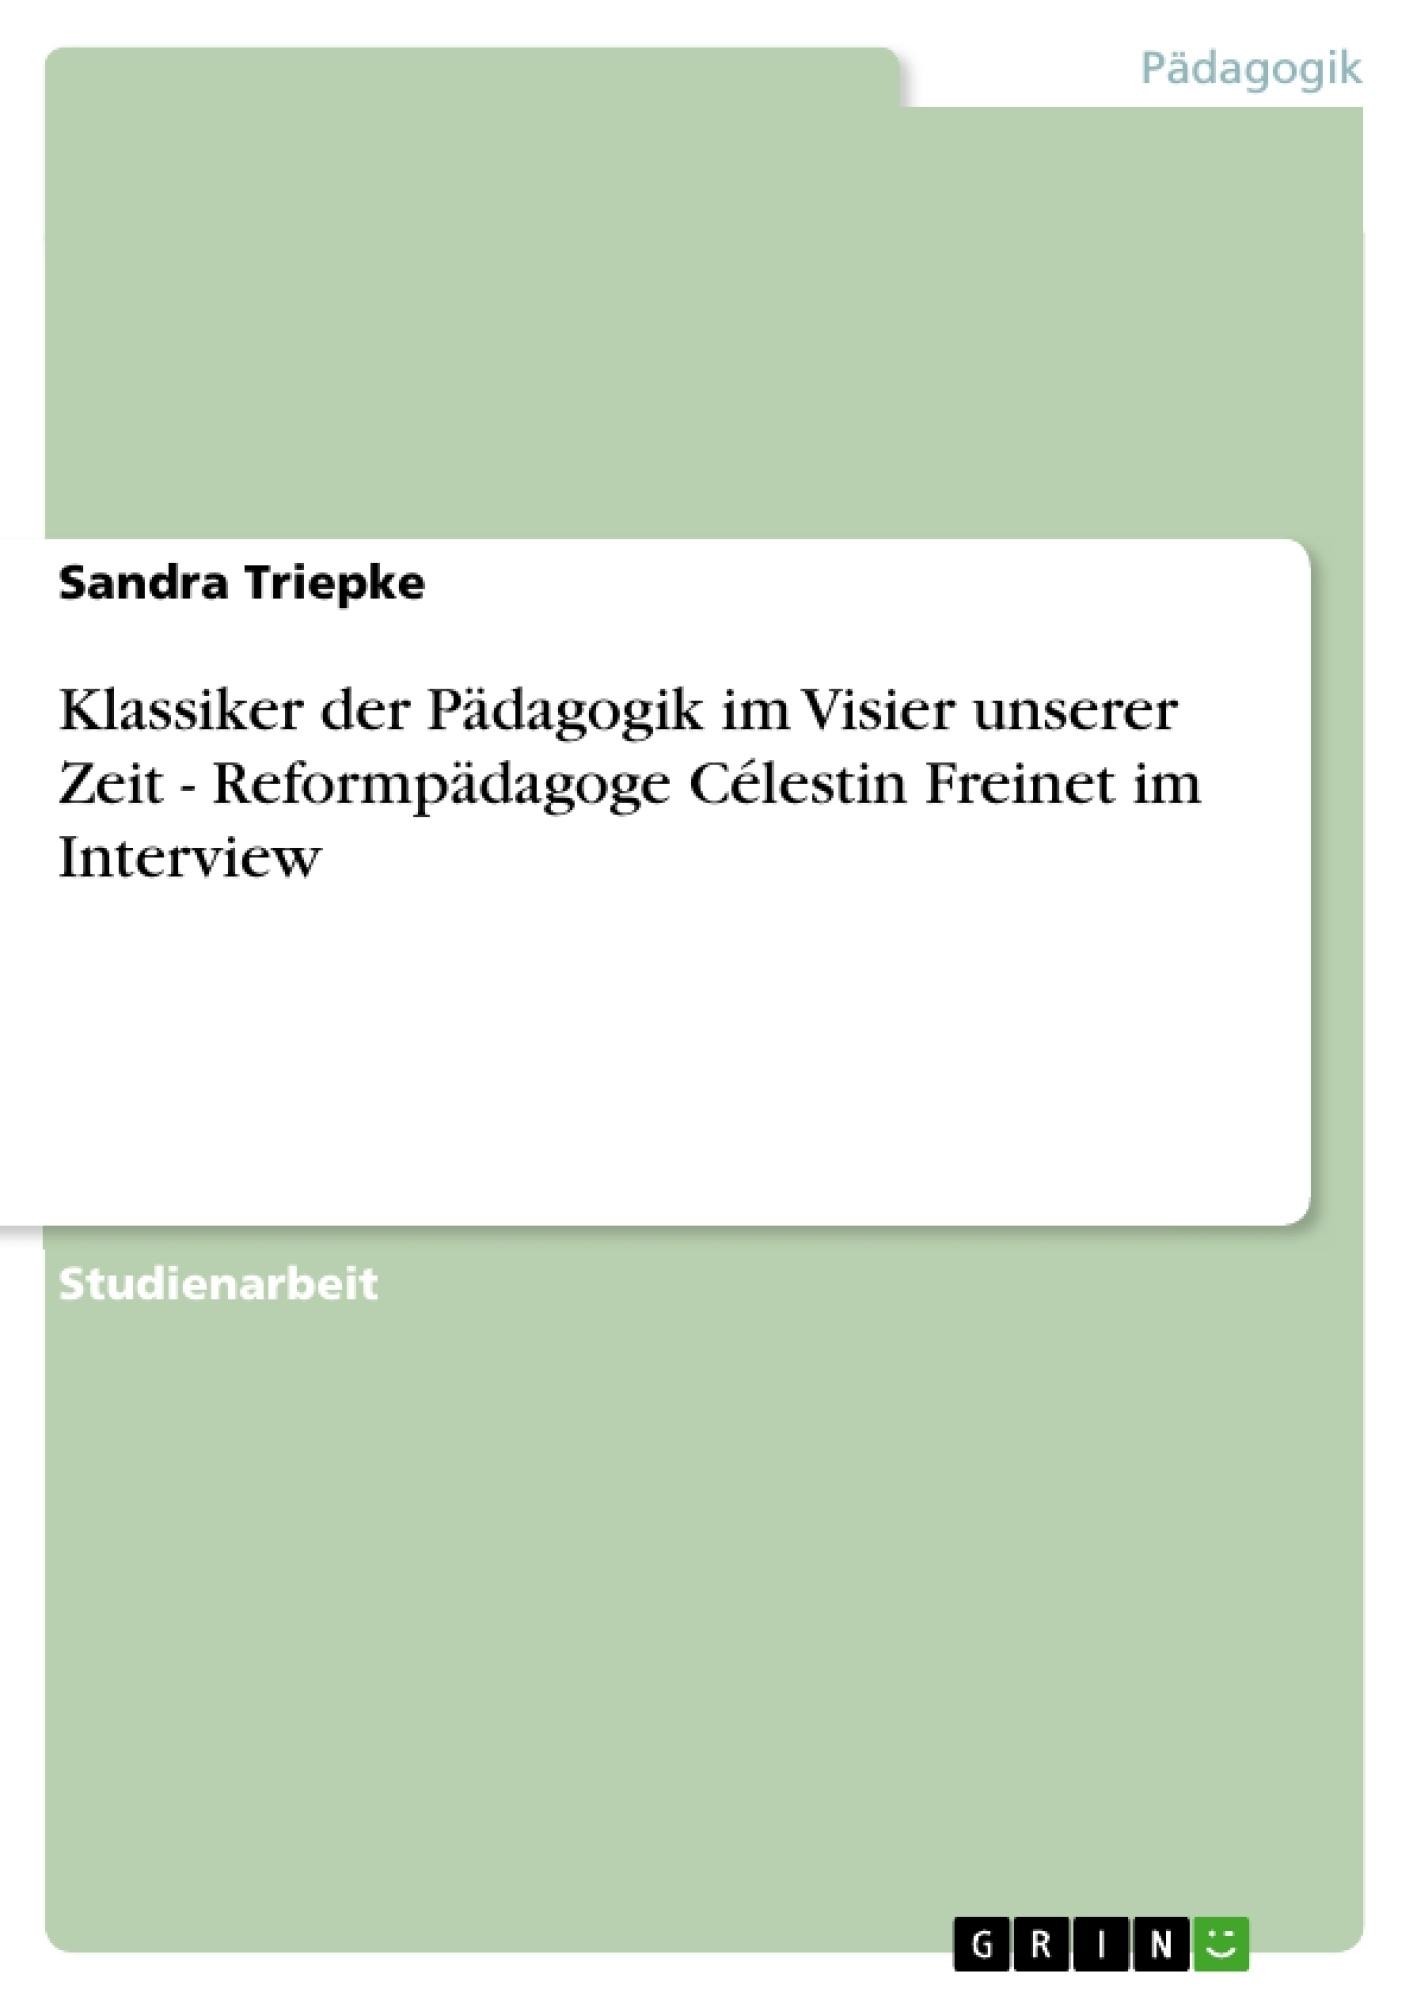 Titel: Klassiker der Pädagogik im Visier unserer Zeit - Reformpädagoge Célestin Freinet im Interview